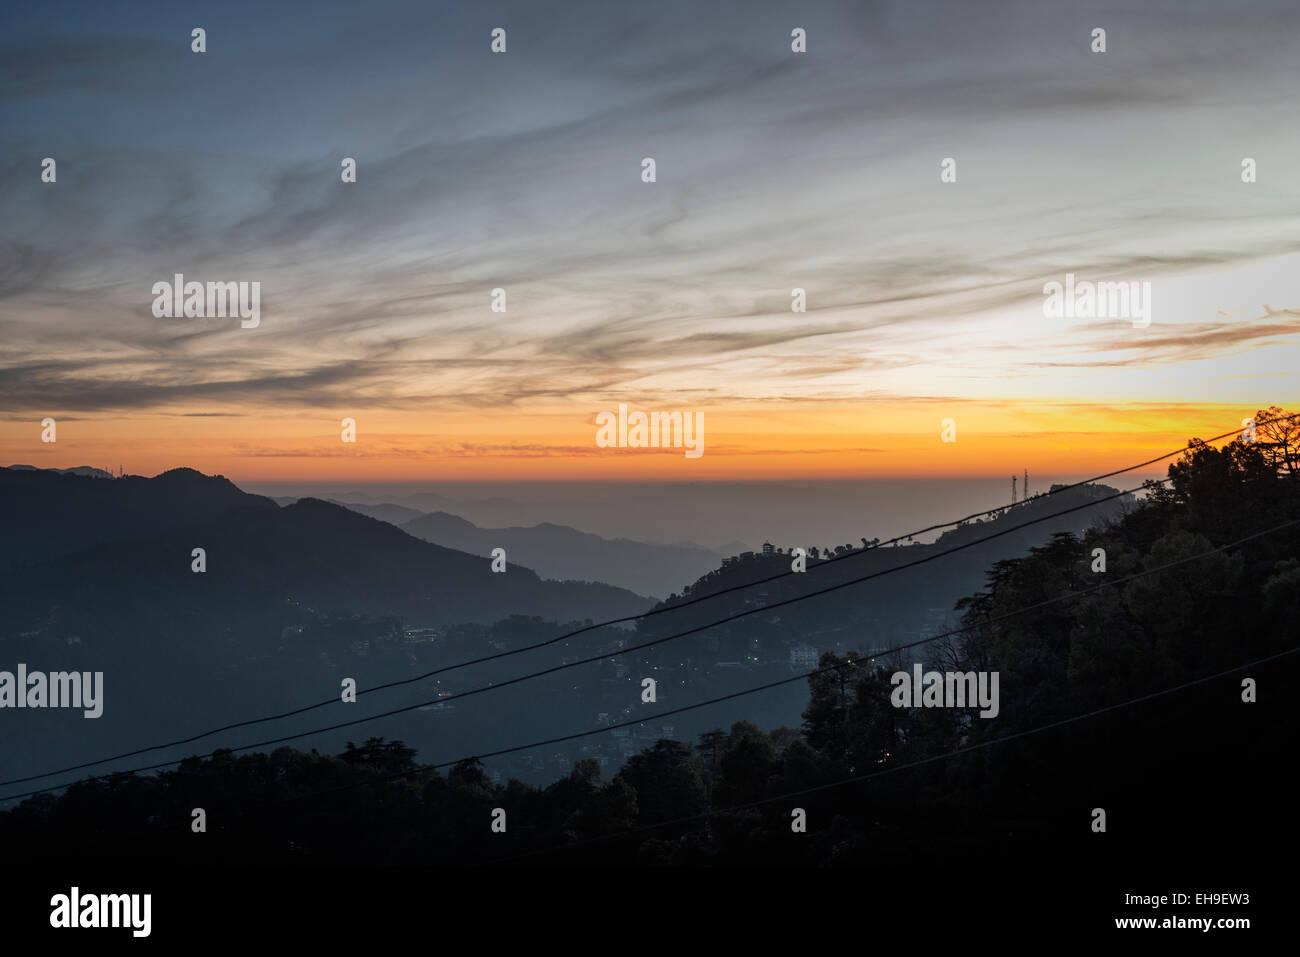 Himalayan sunset at Shimla, Himachal Pradesh, India - Stock Image